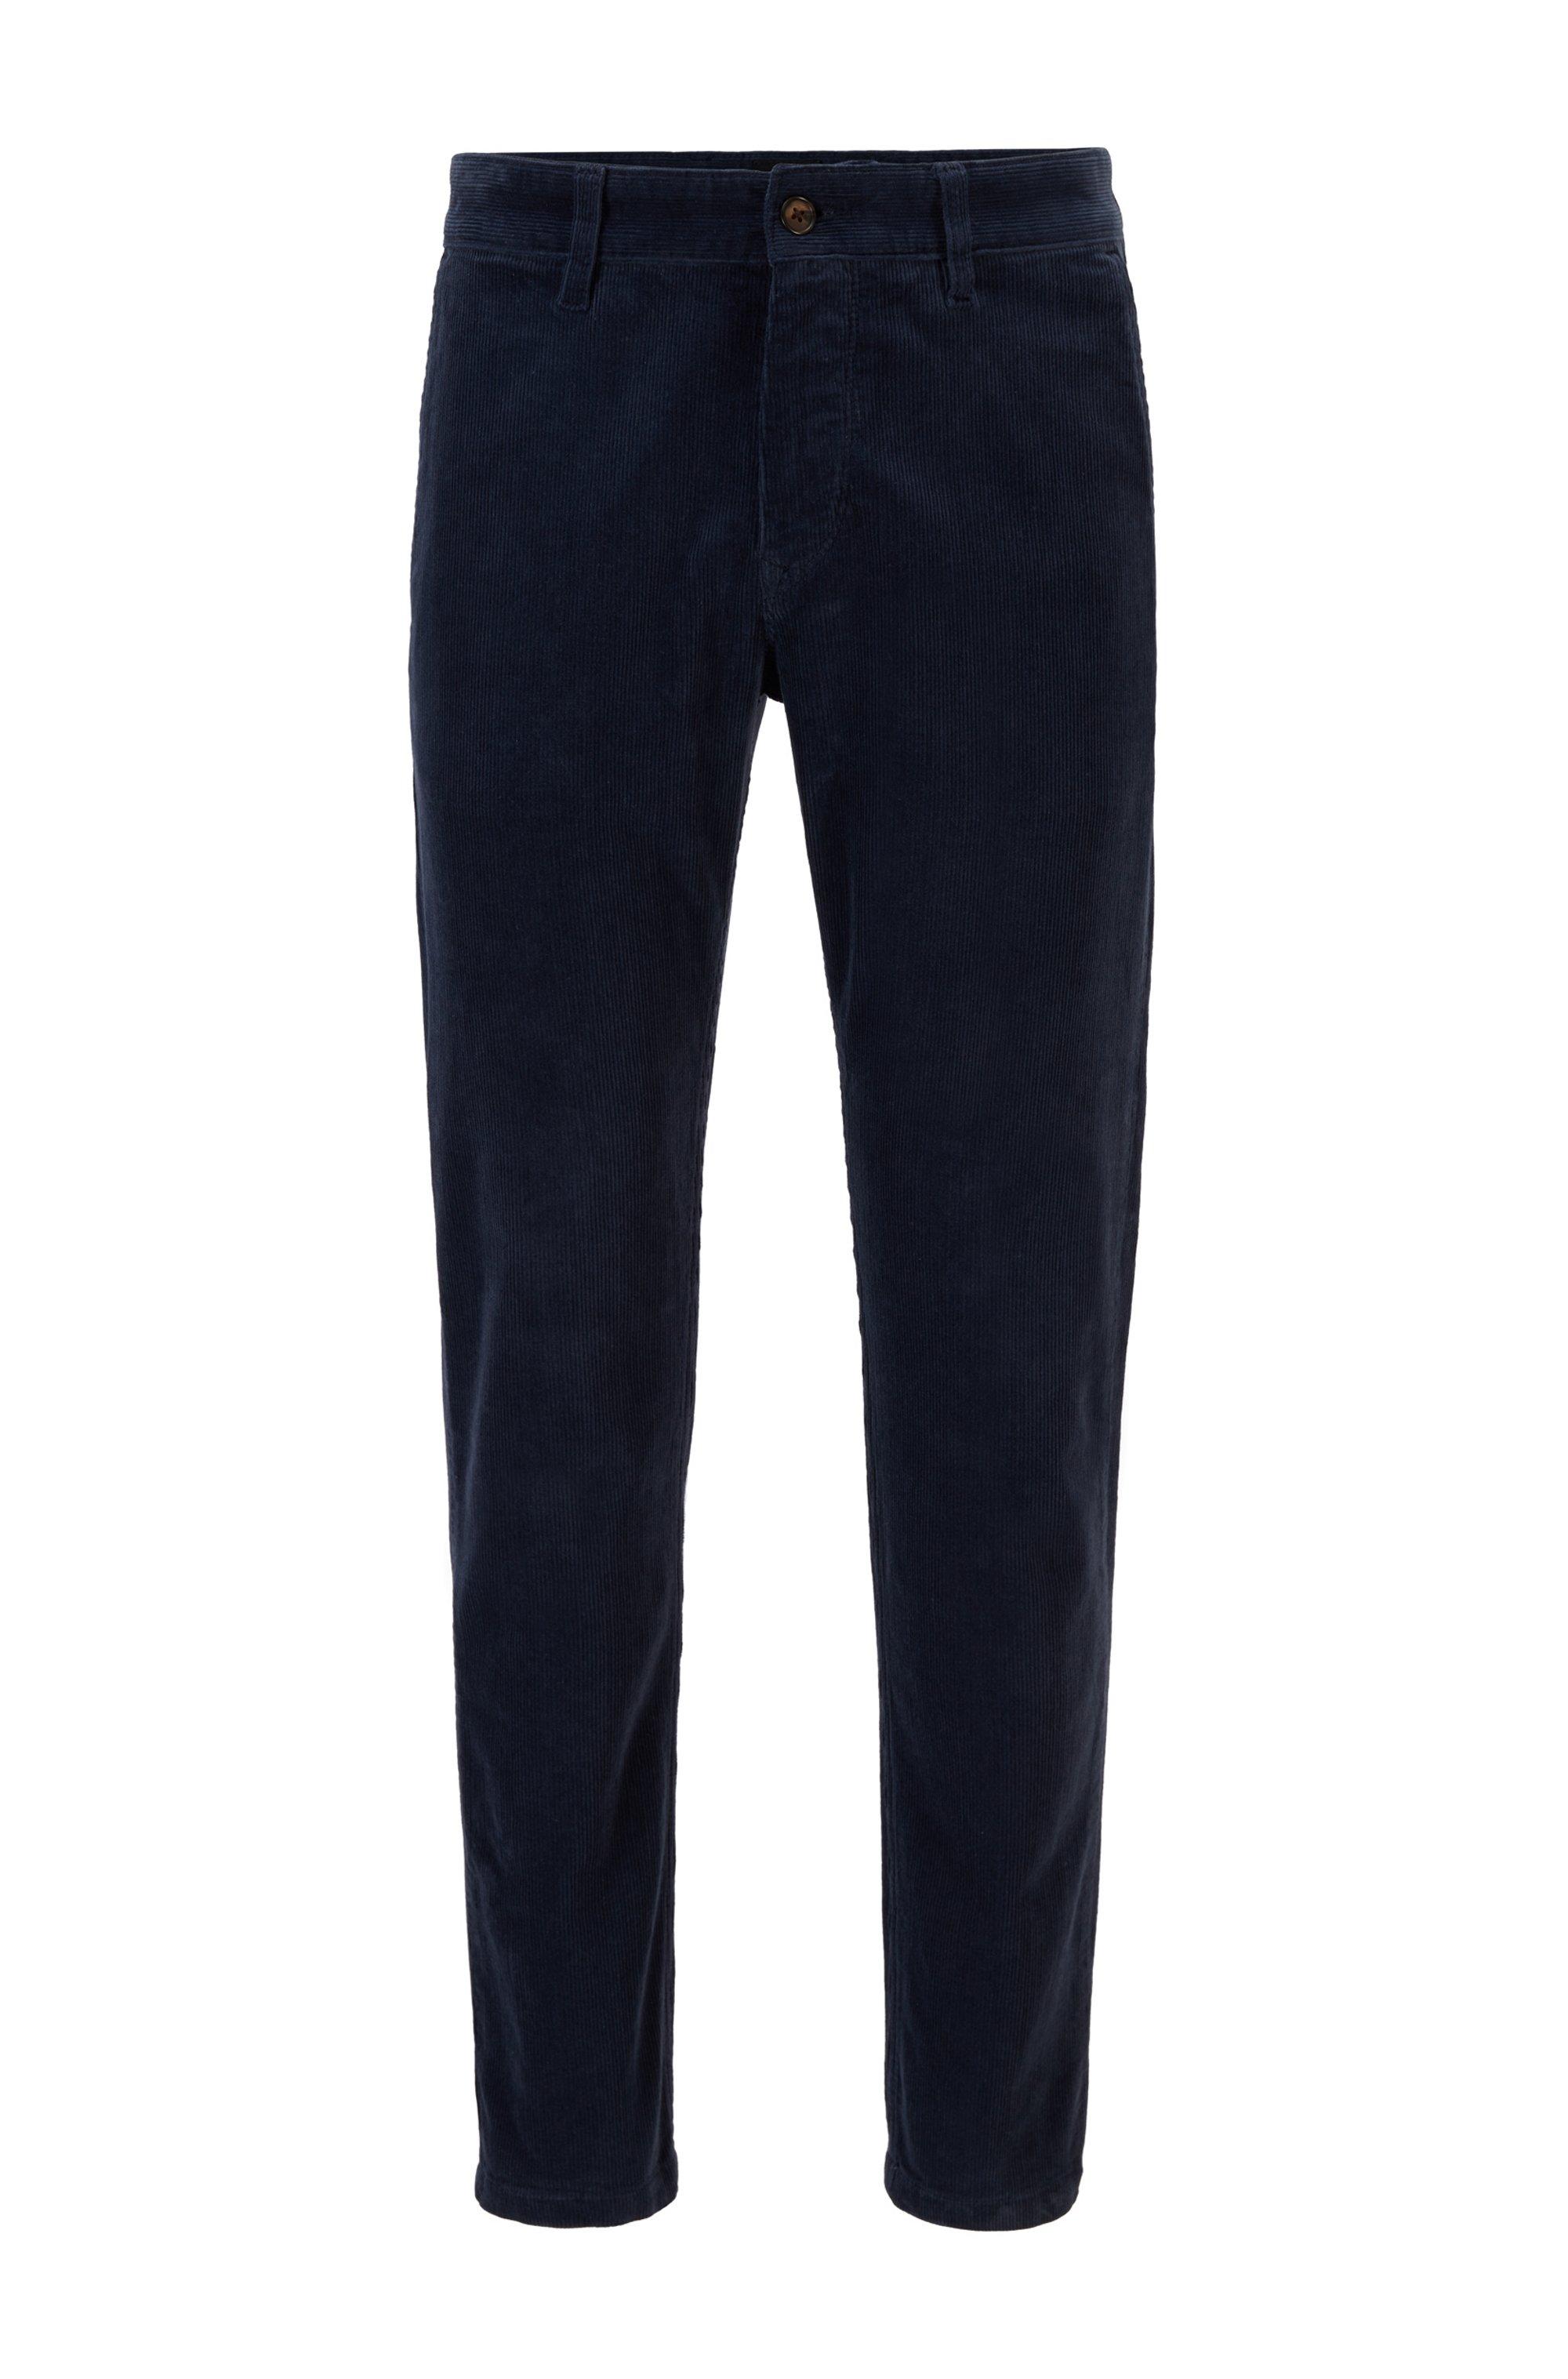 Pantalon Tapered Fit en velours côtelé de coton stretch, Bleu foncé